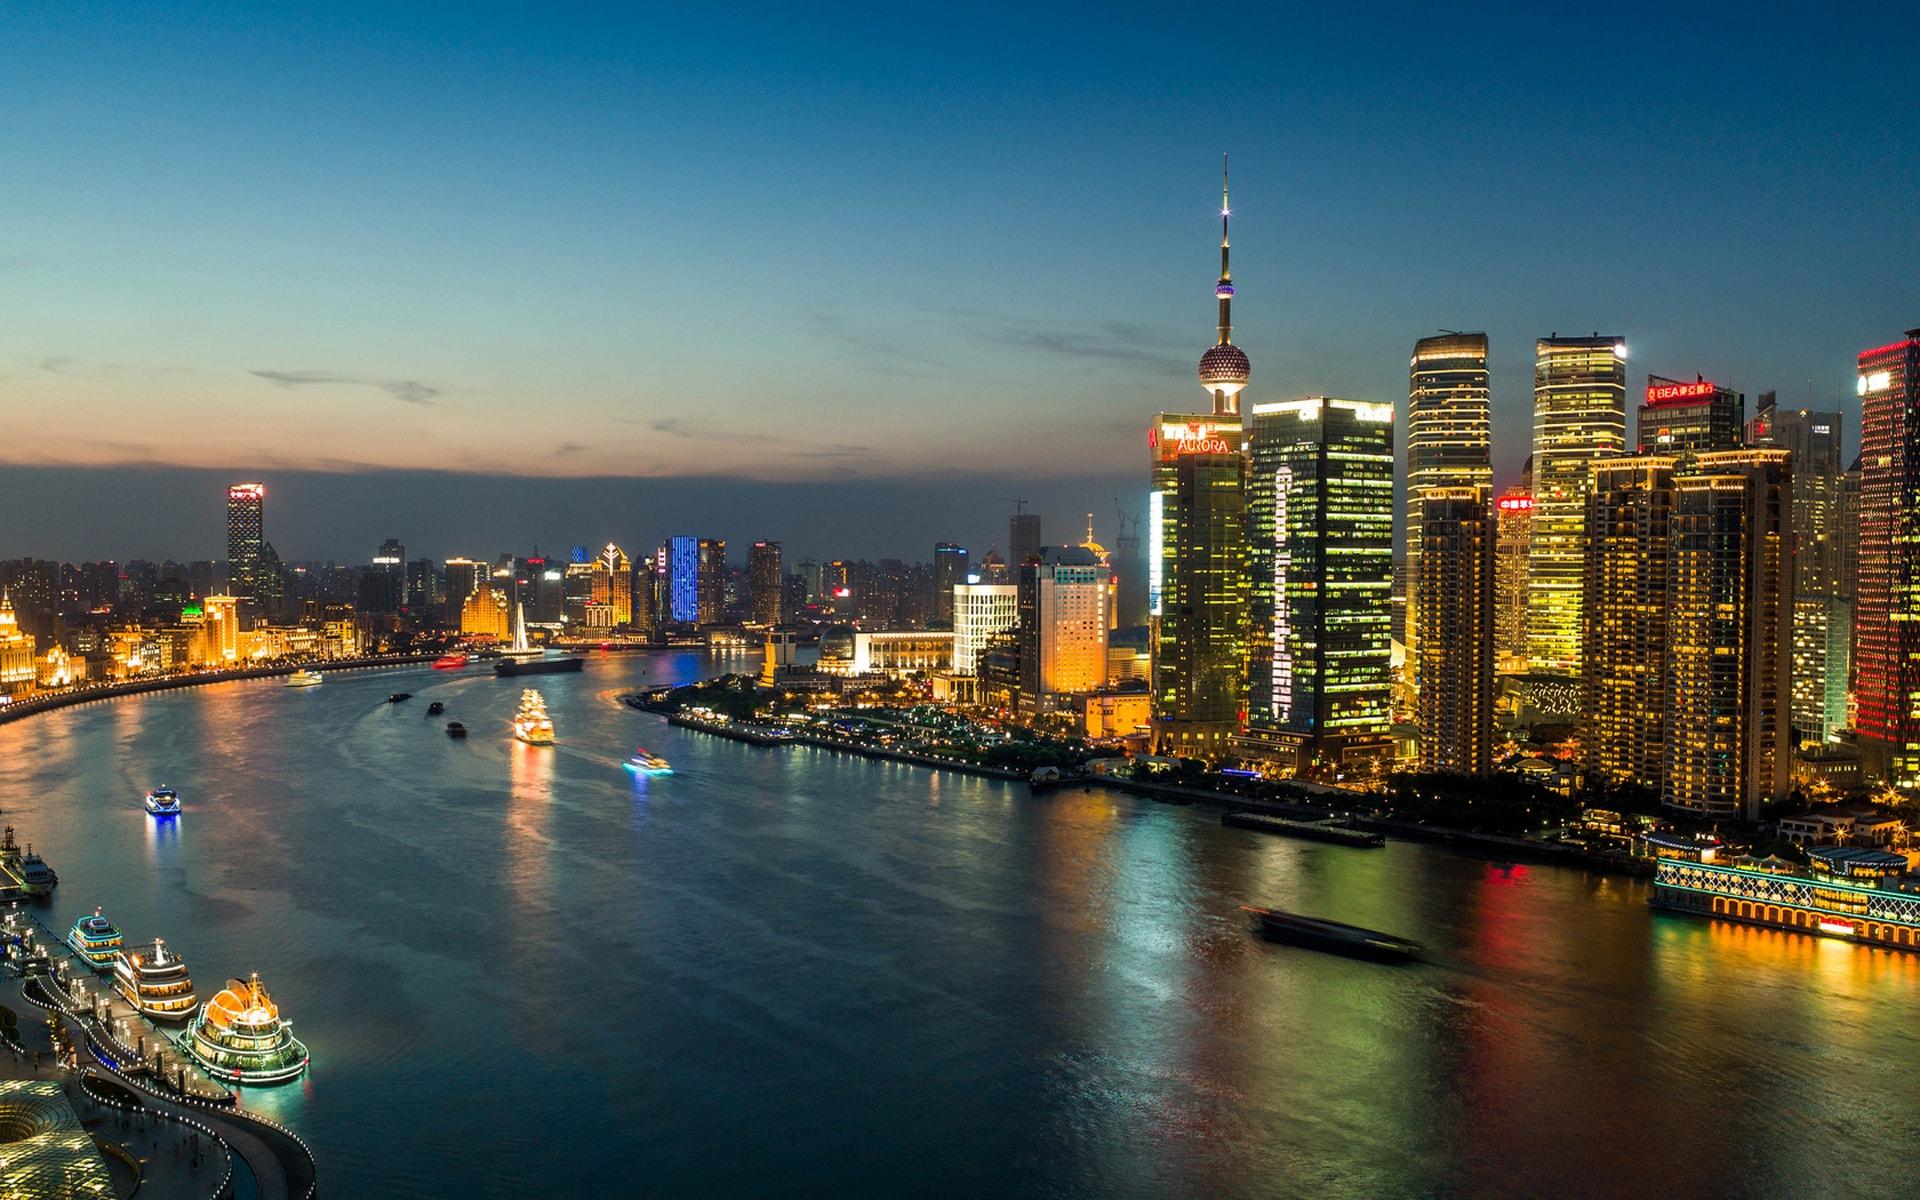 wallpaper shanghai - photo #8